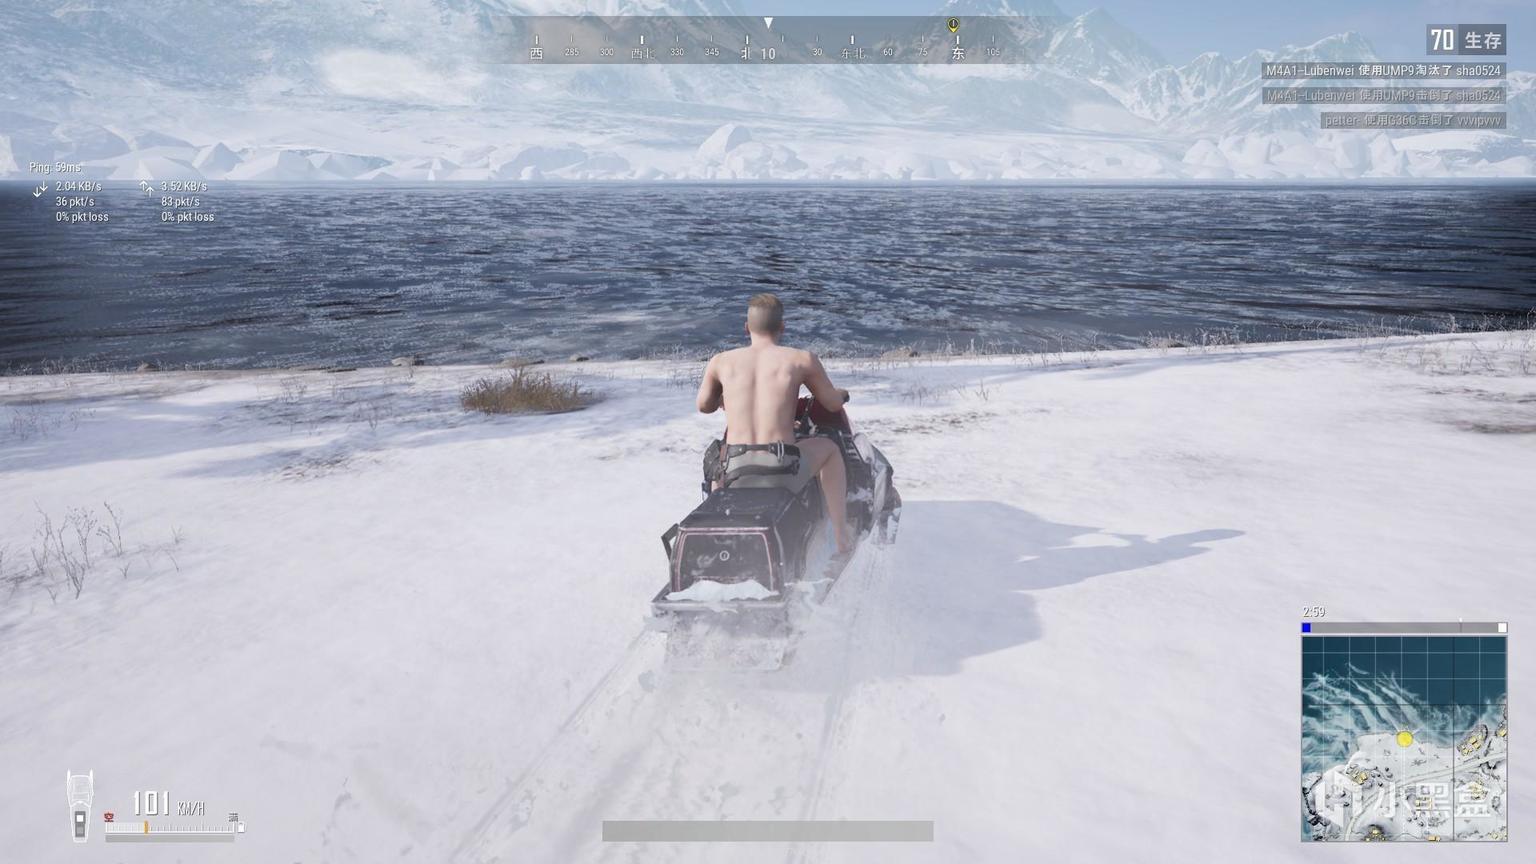 絕地求生新地圖最新更新,游戲驚現恐龍?雪地吉利服圖片